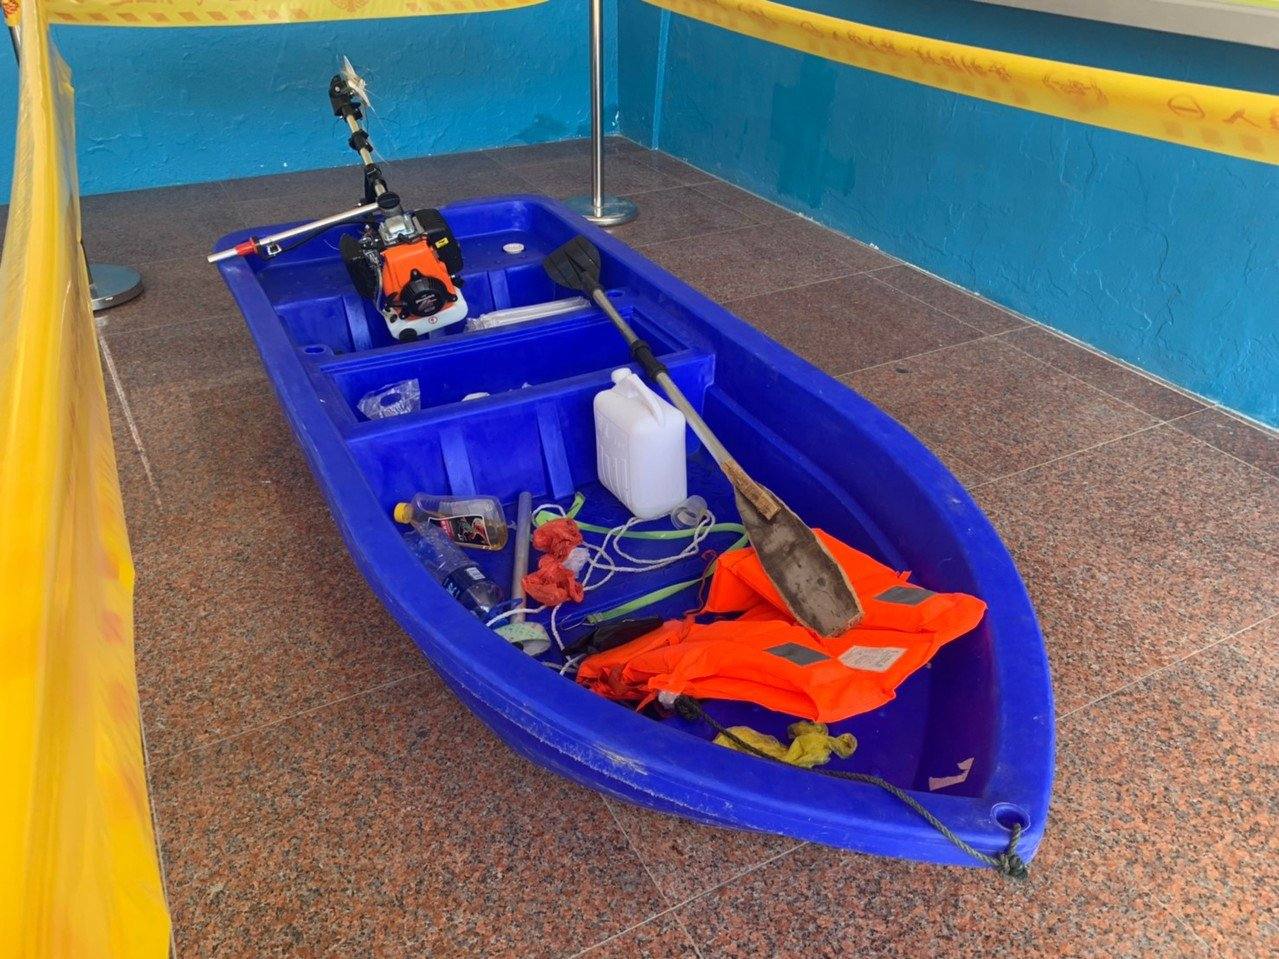 非法入侵的陸男塑膠艇上發現有隨身救生衣、備用油桶及個人衣物、證件等物品,似乎打算...